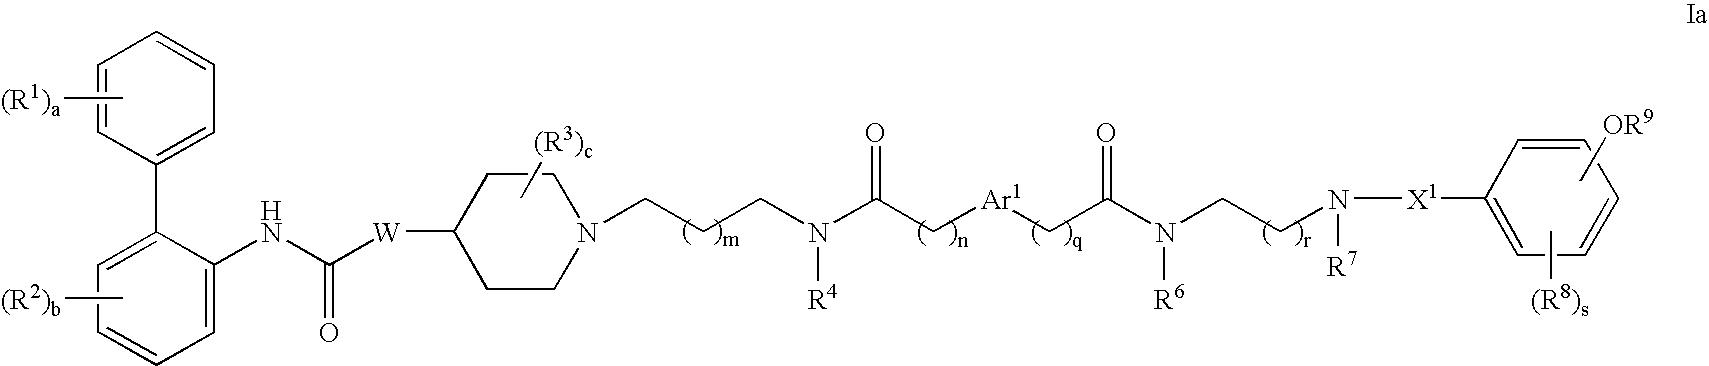 Figure US07687519-20100330-C00004